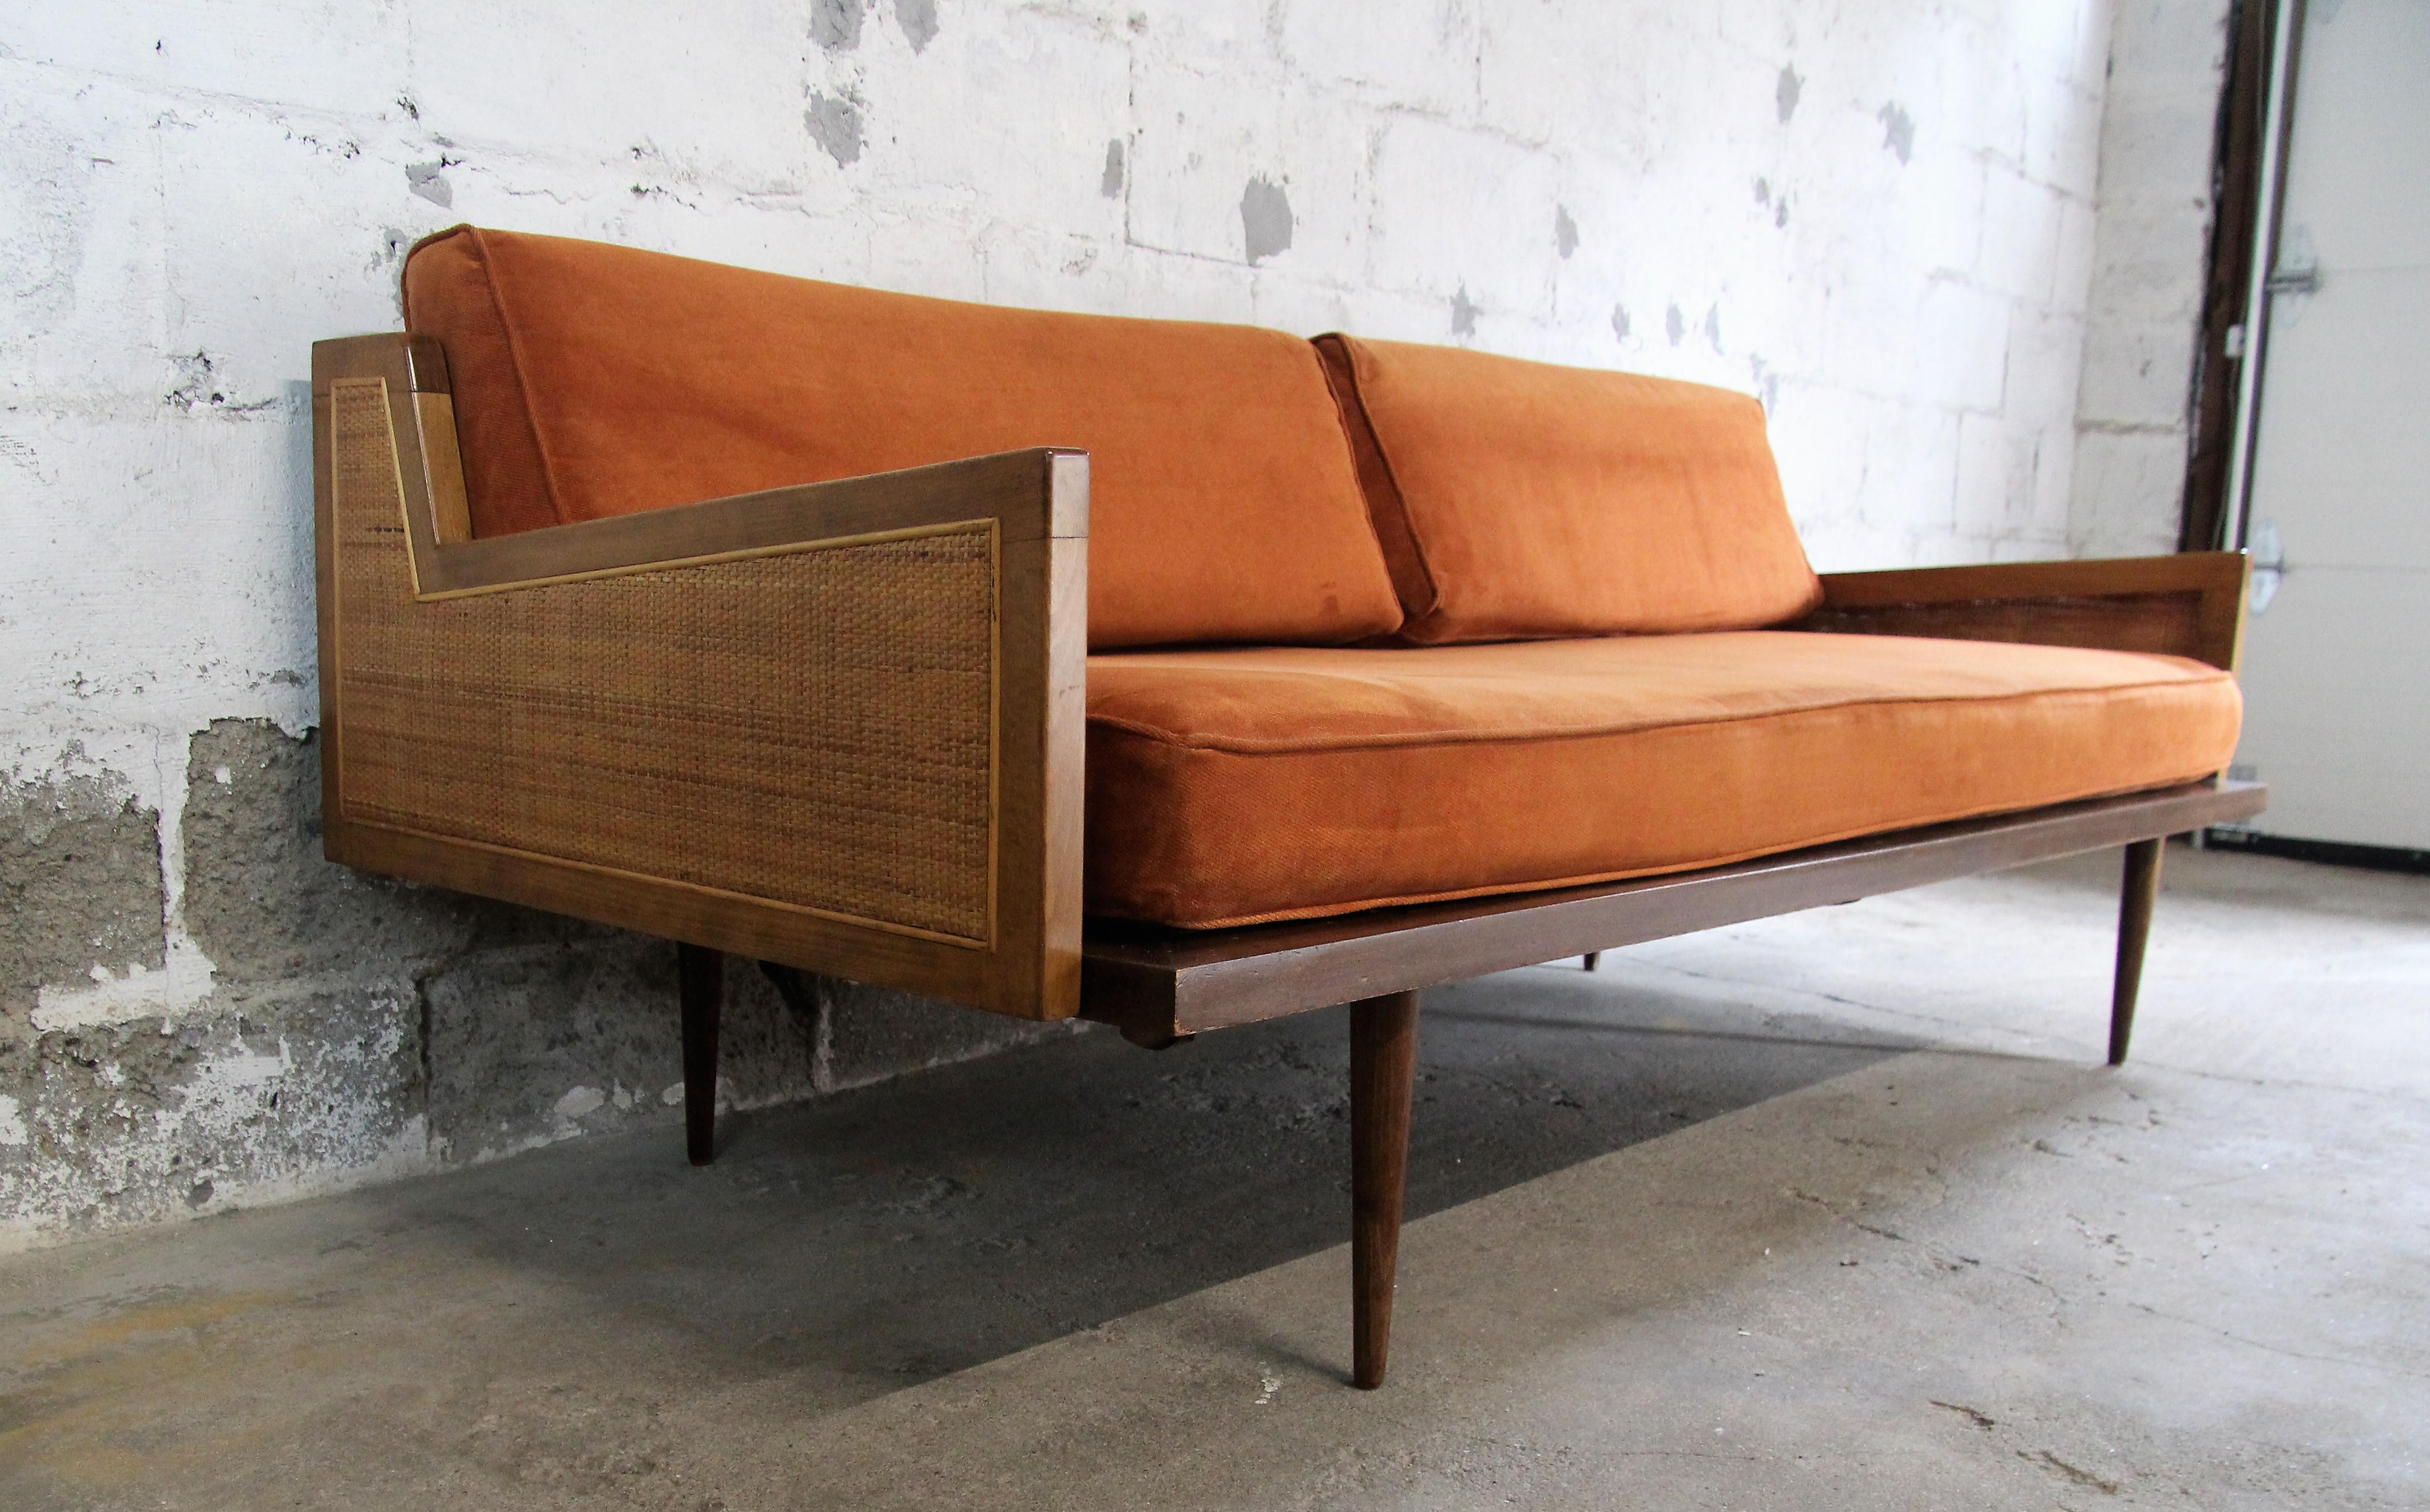 MidCentury Modern Danish Daybed Chairish